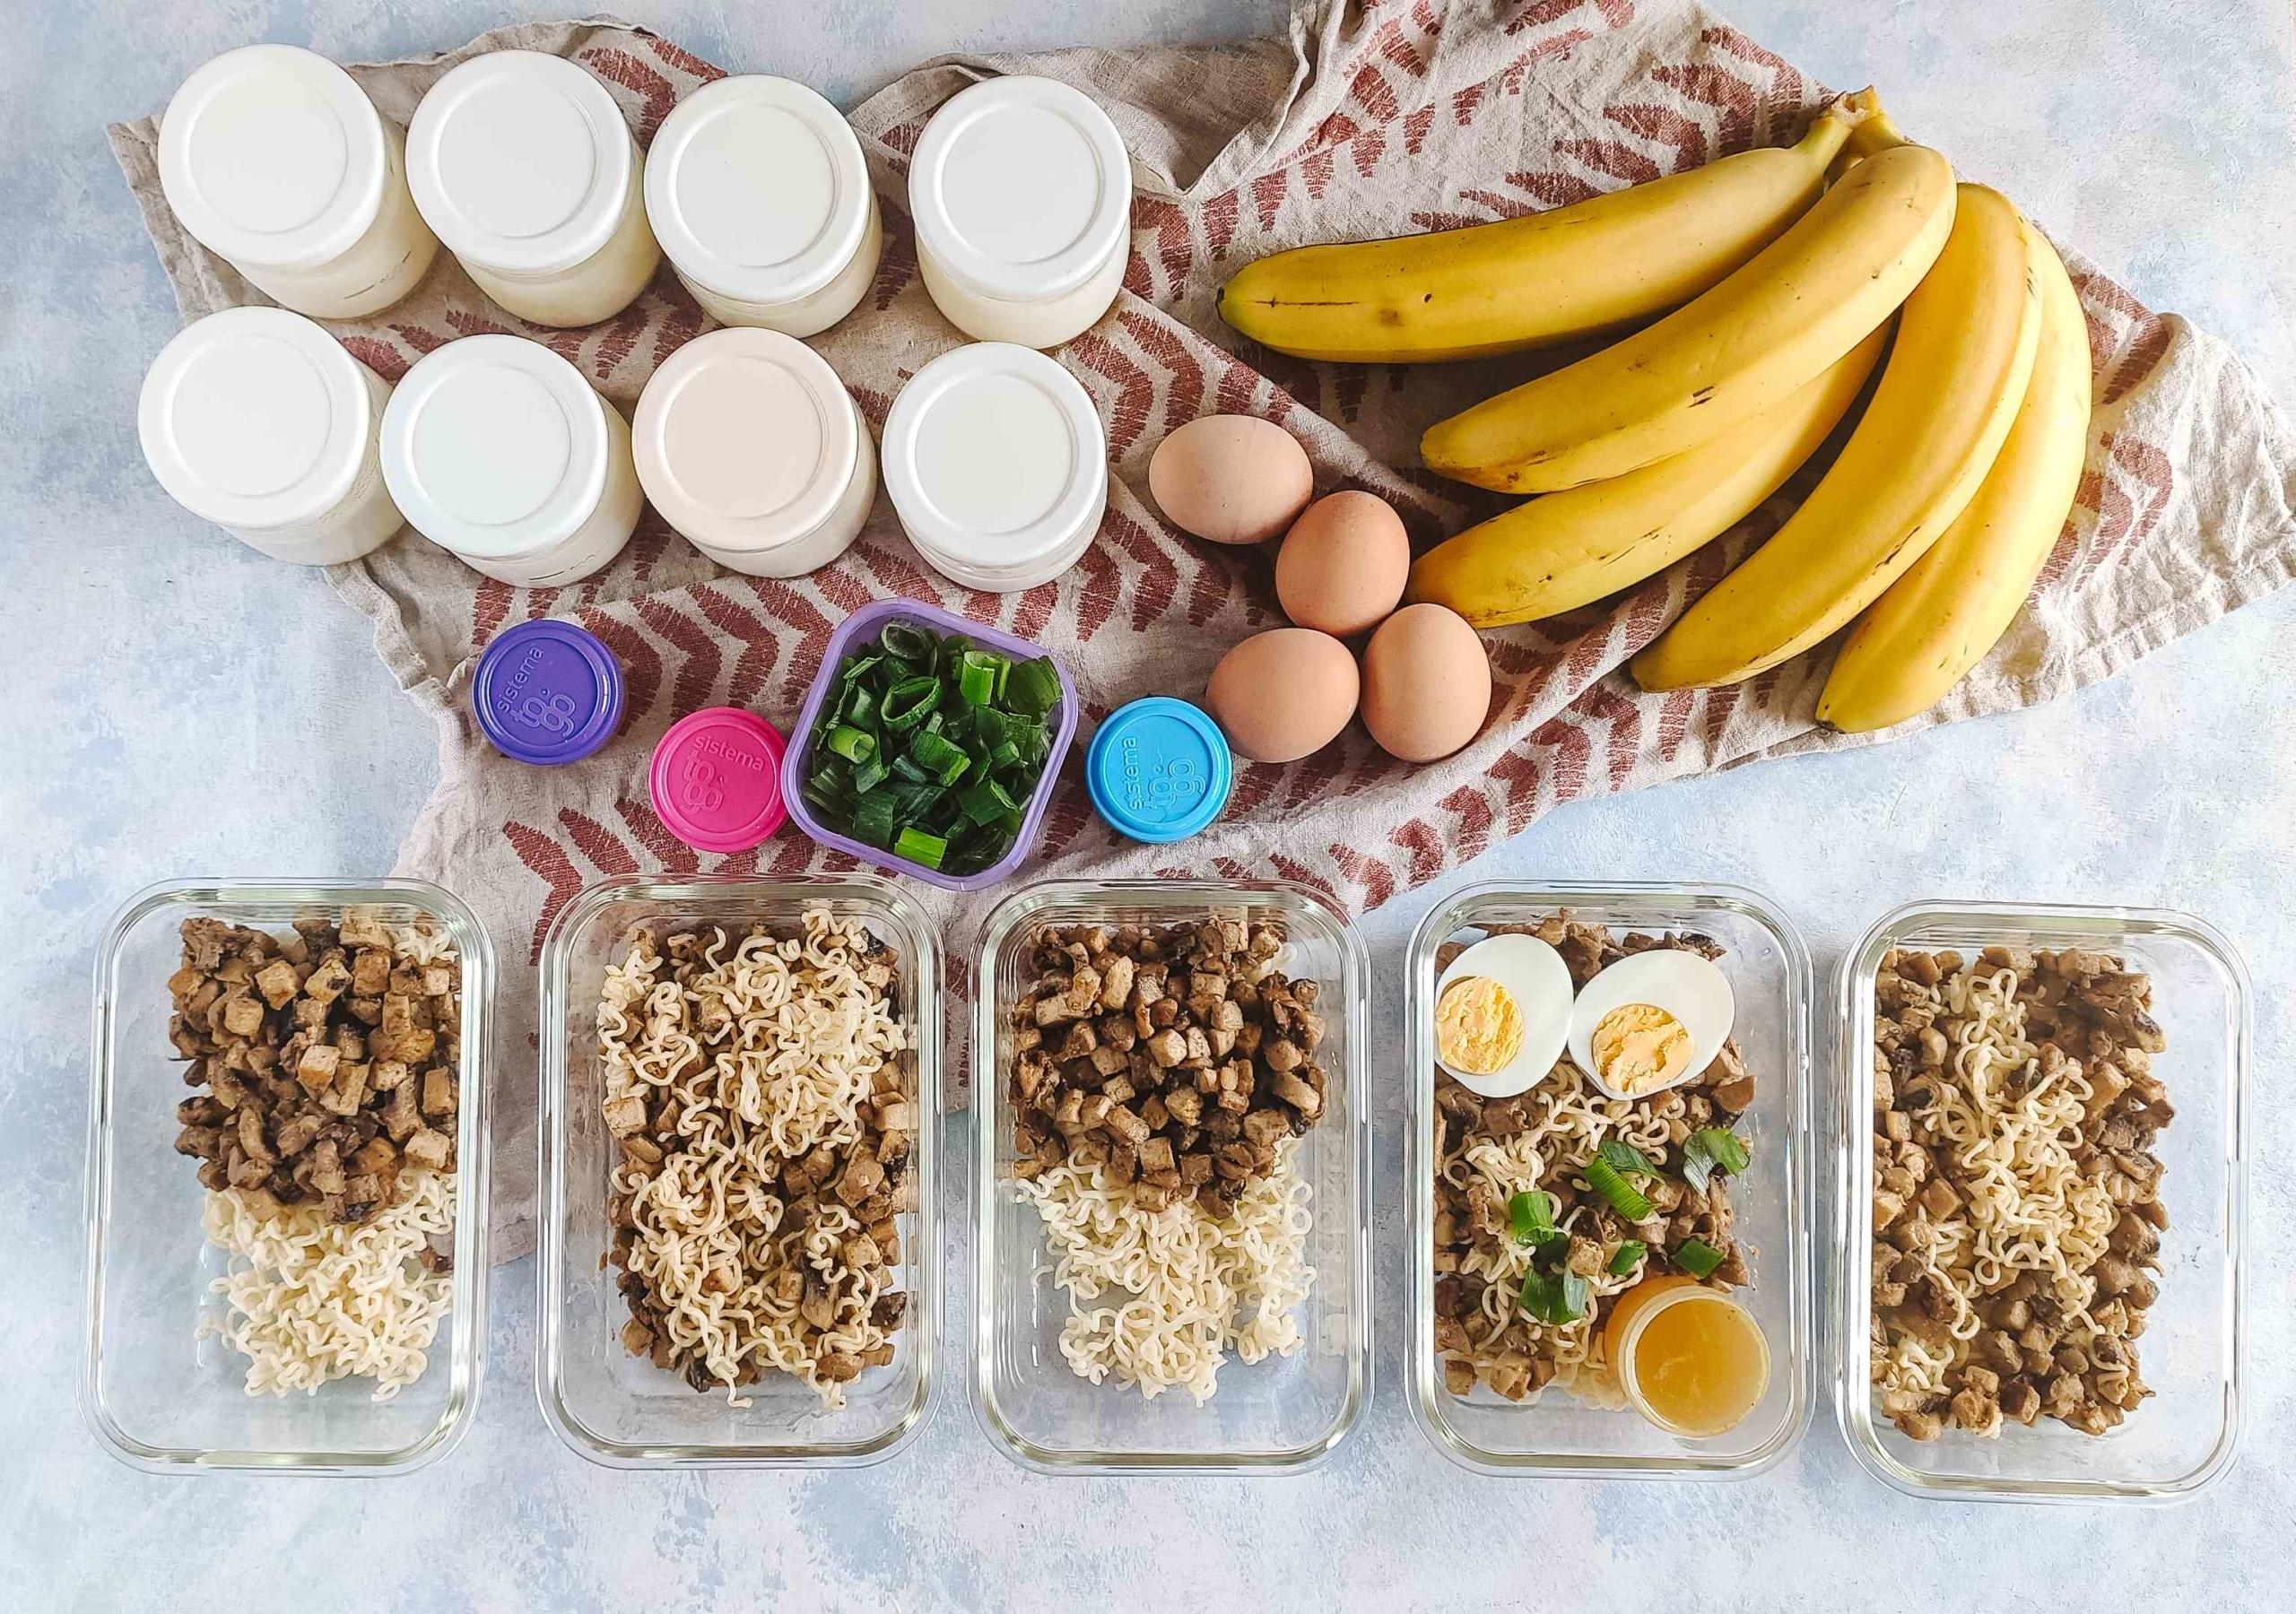 Nouilles aux champignons, tofu et sauce au beurre de cacahouète + yaourts maison au miel.